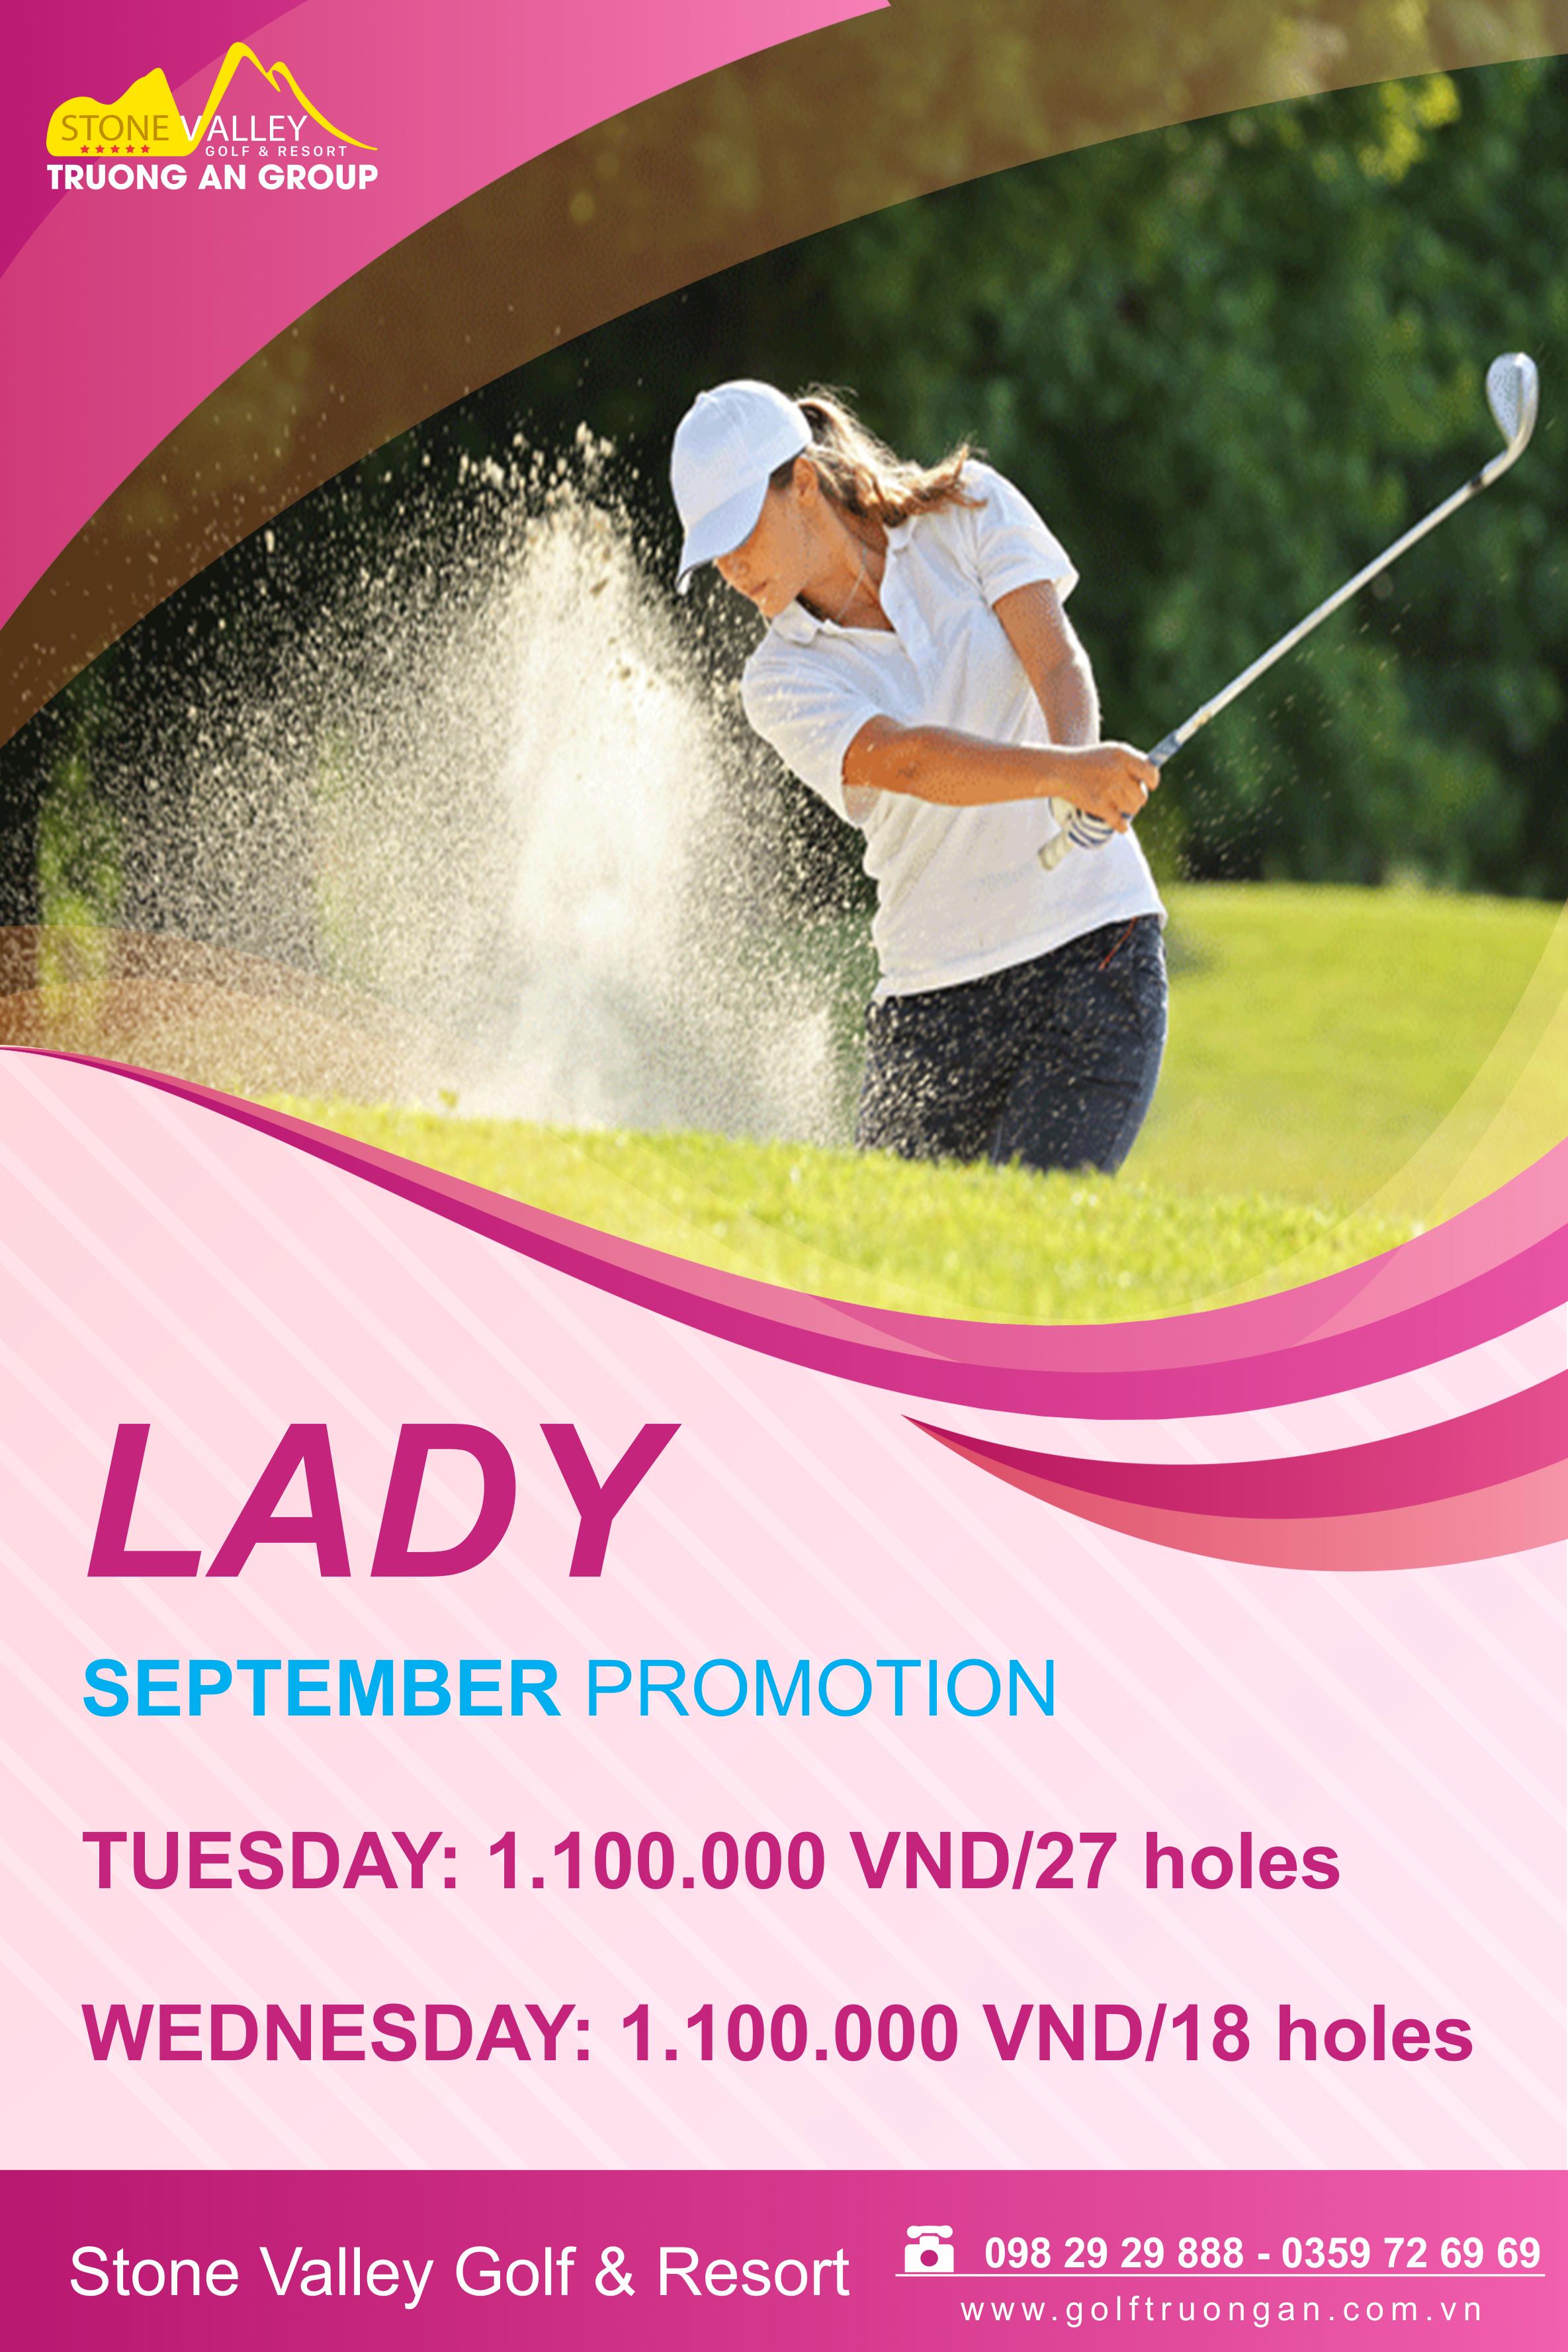 Laydy Golf Day